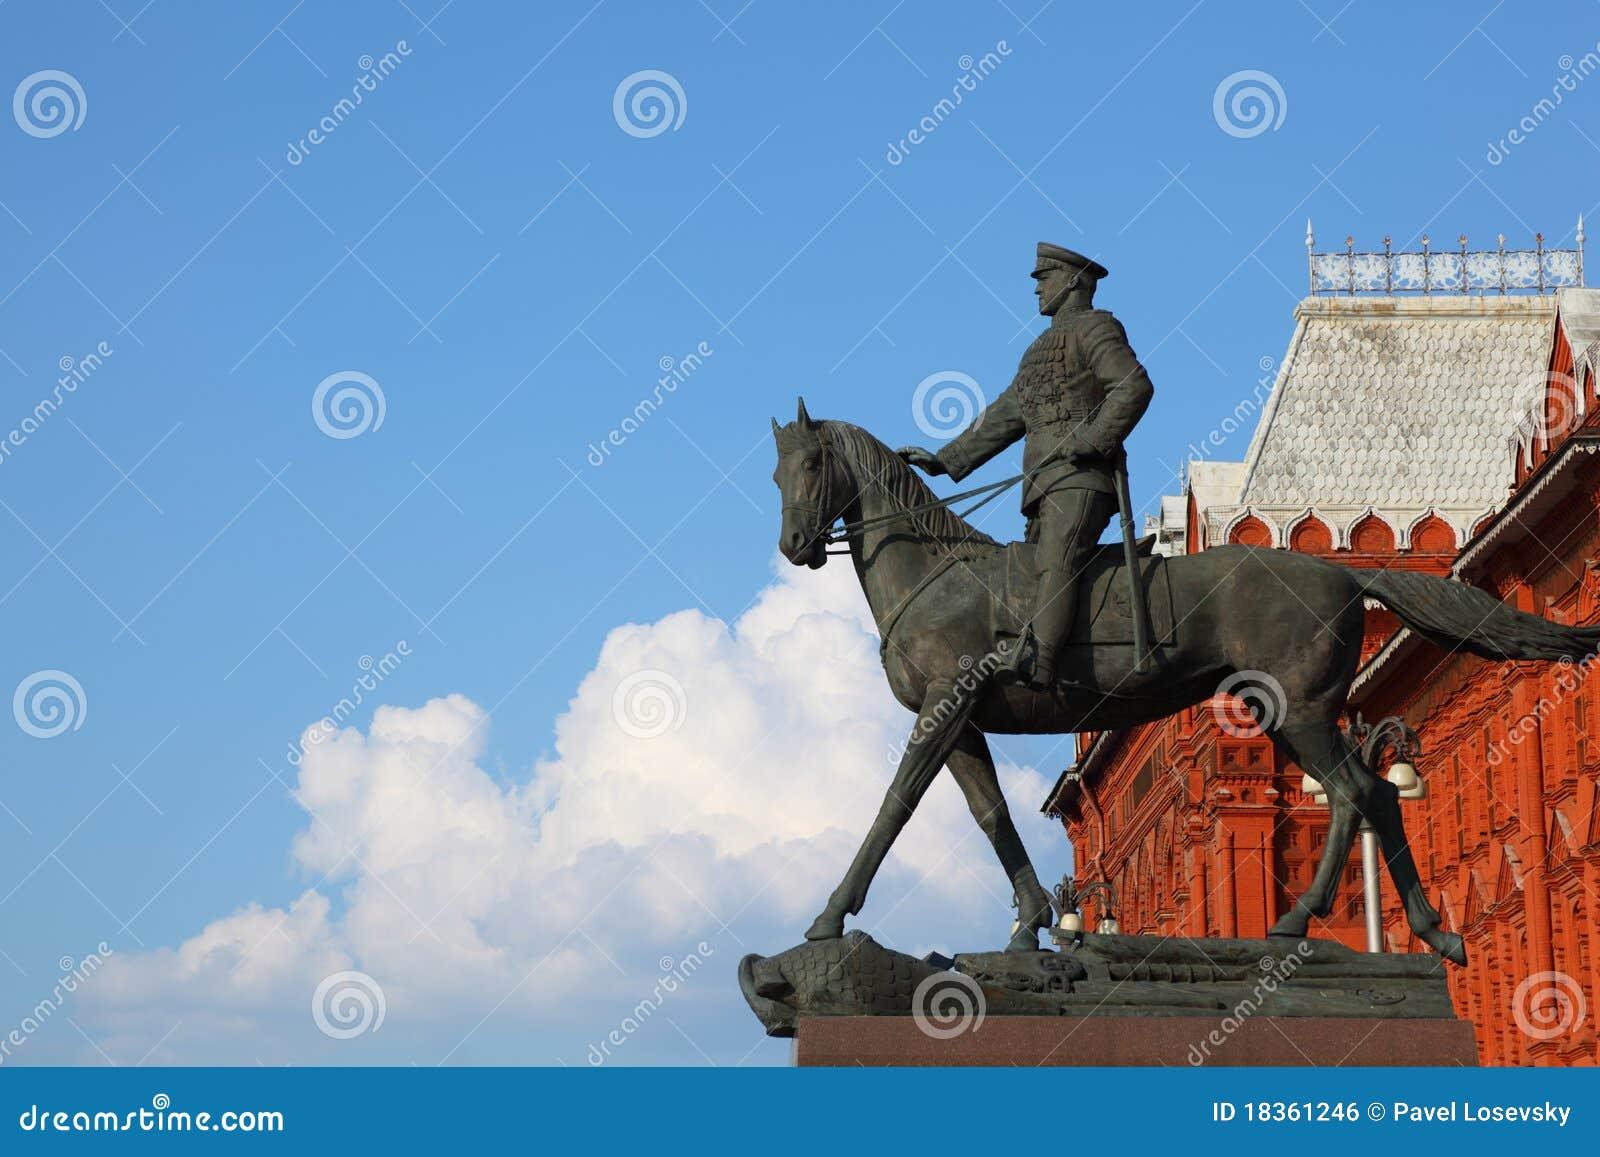 Monumento ao marechal de União Soviética Georgy Zhukov